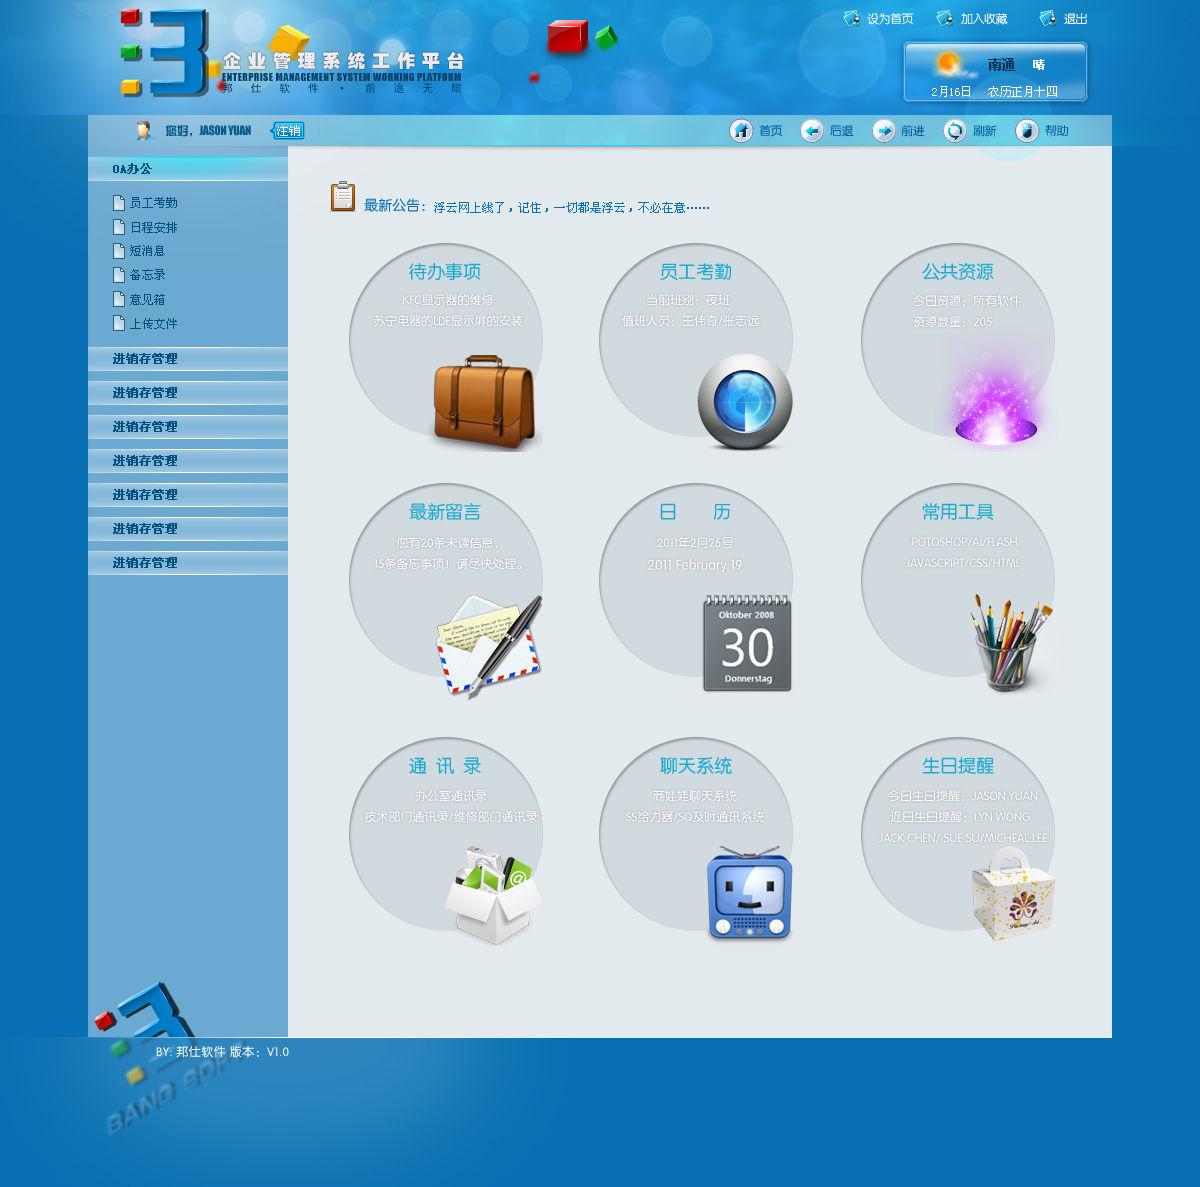 软件登陆界面案例图片 - 设计师袁景硕的设计工作室的